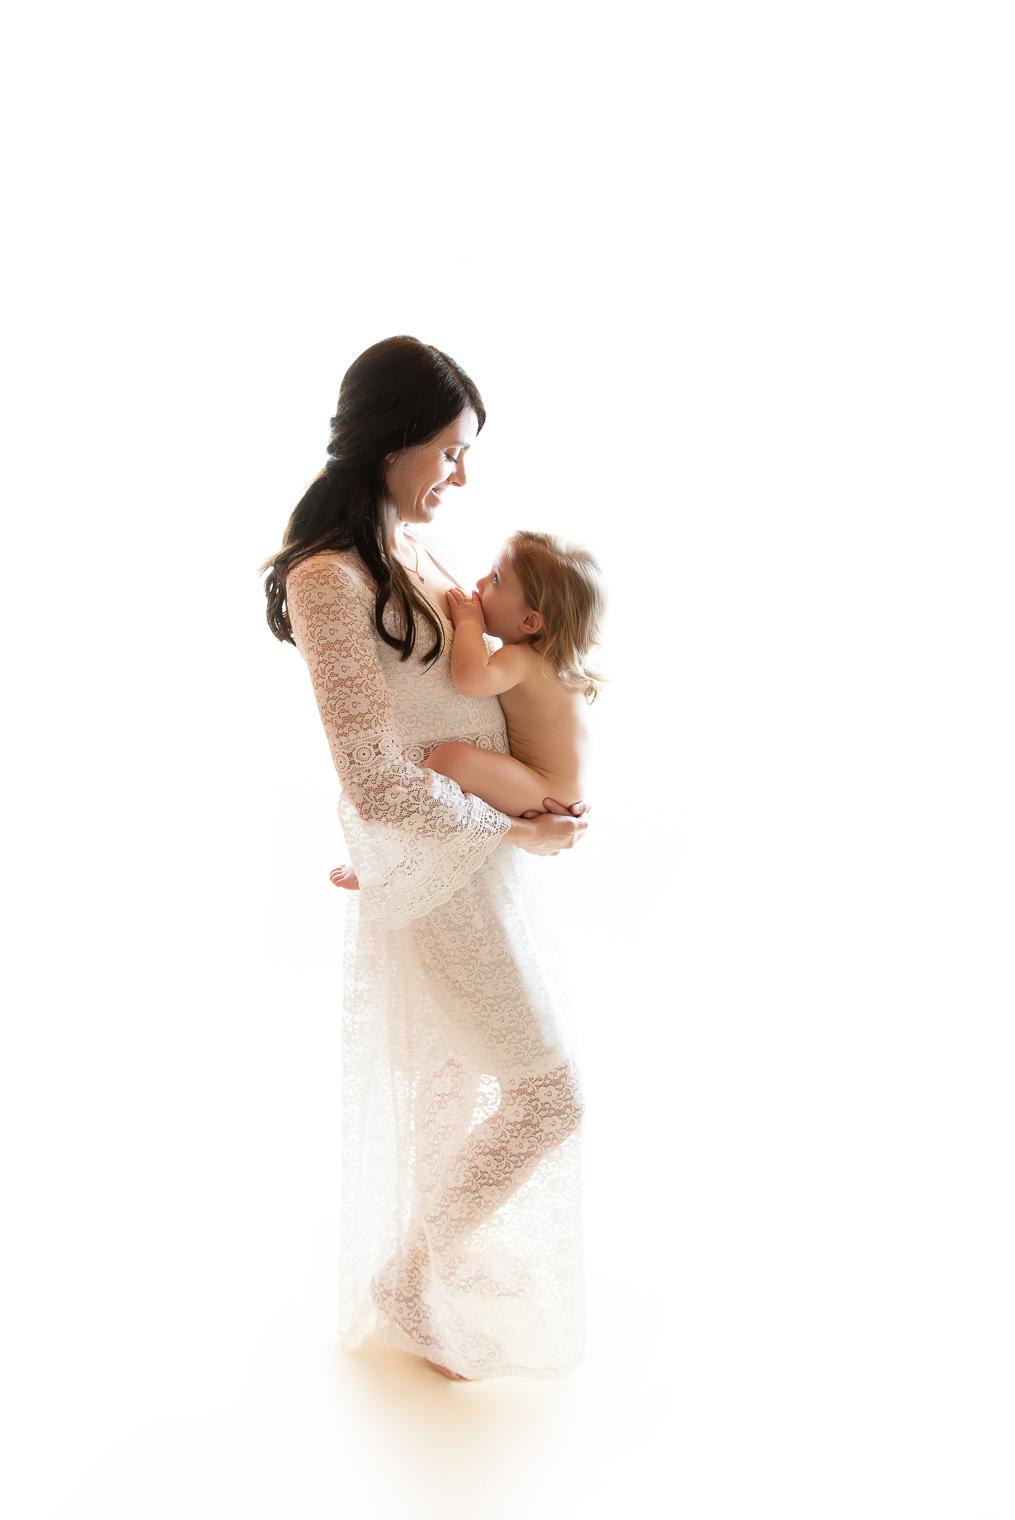 belinda lopez photo bebe enfant allaitement instant lacte maman et moi photographie famille grossesse nouveau-ne maternite photographe bourg-saint-maurice savoie belindalopez.fr-1